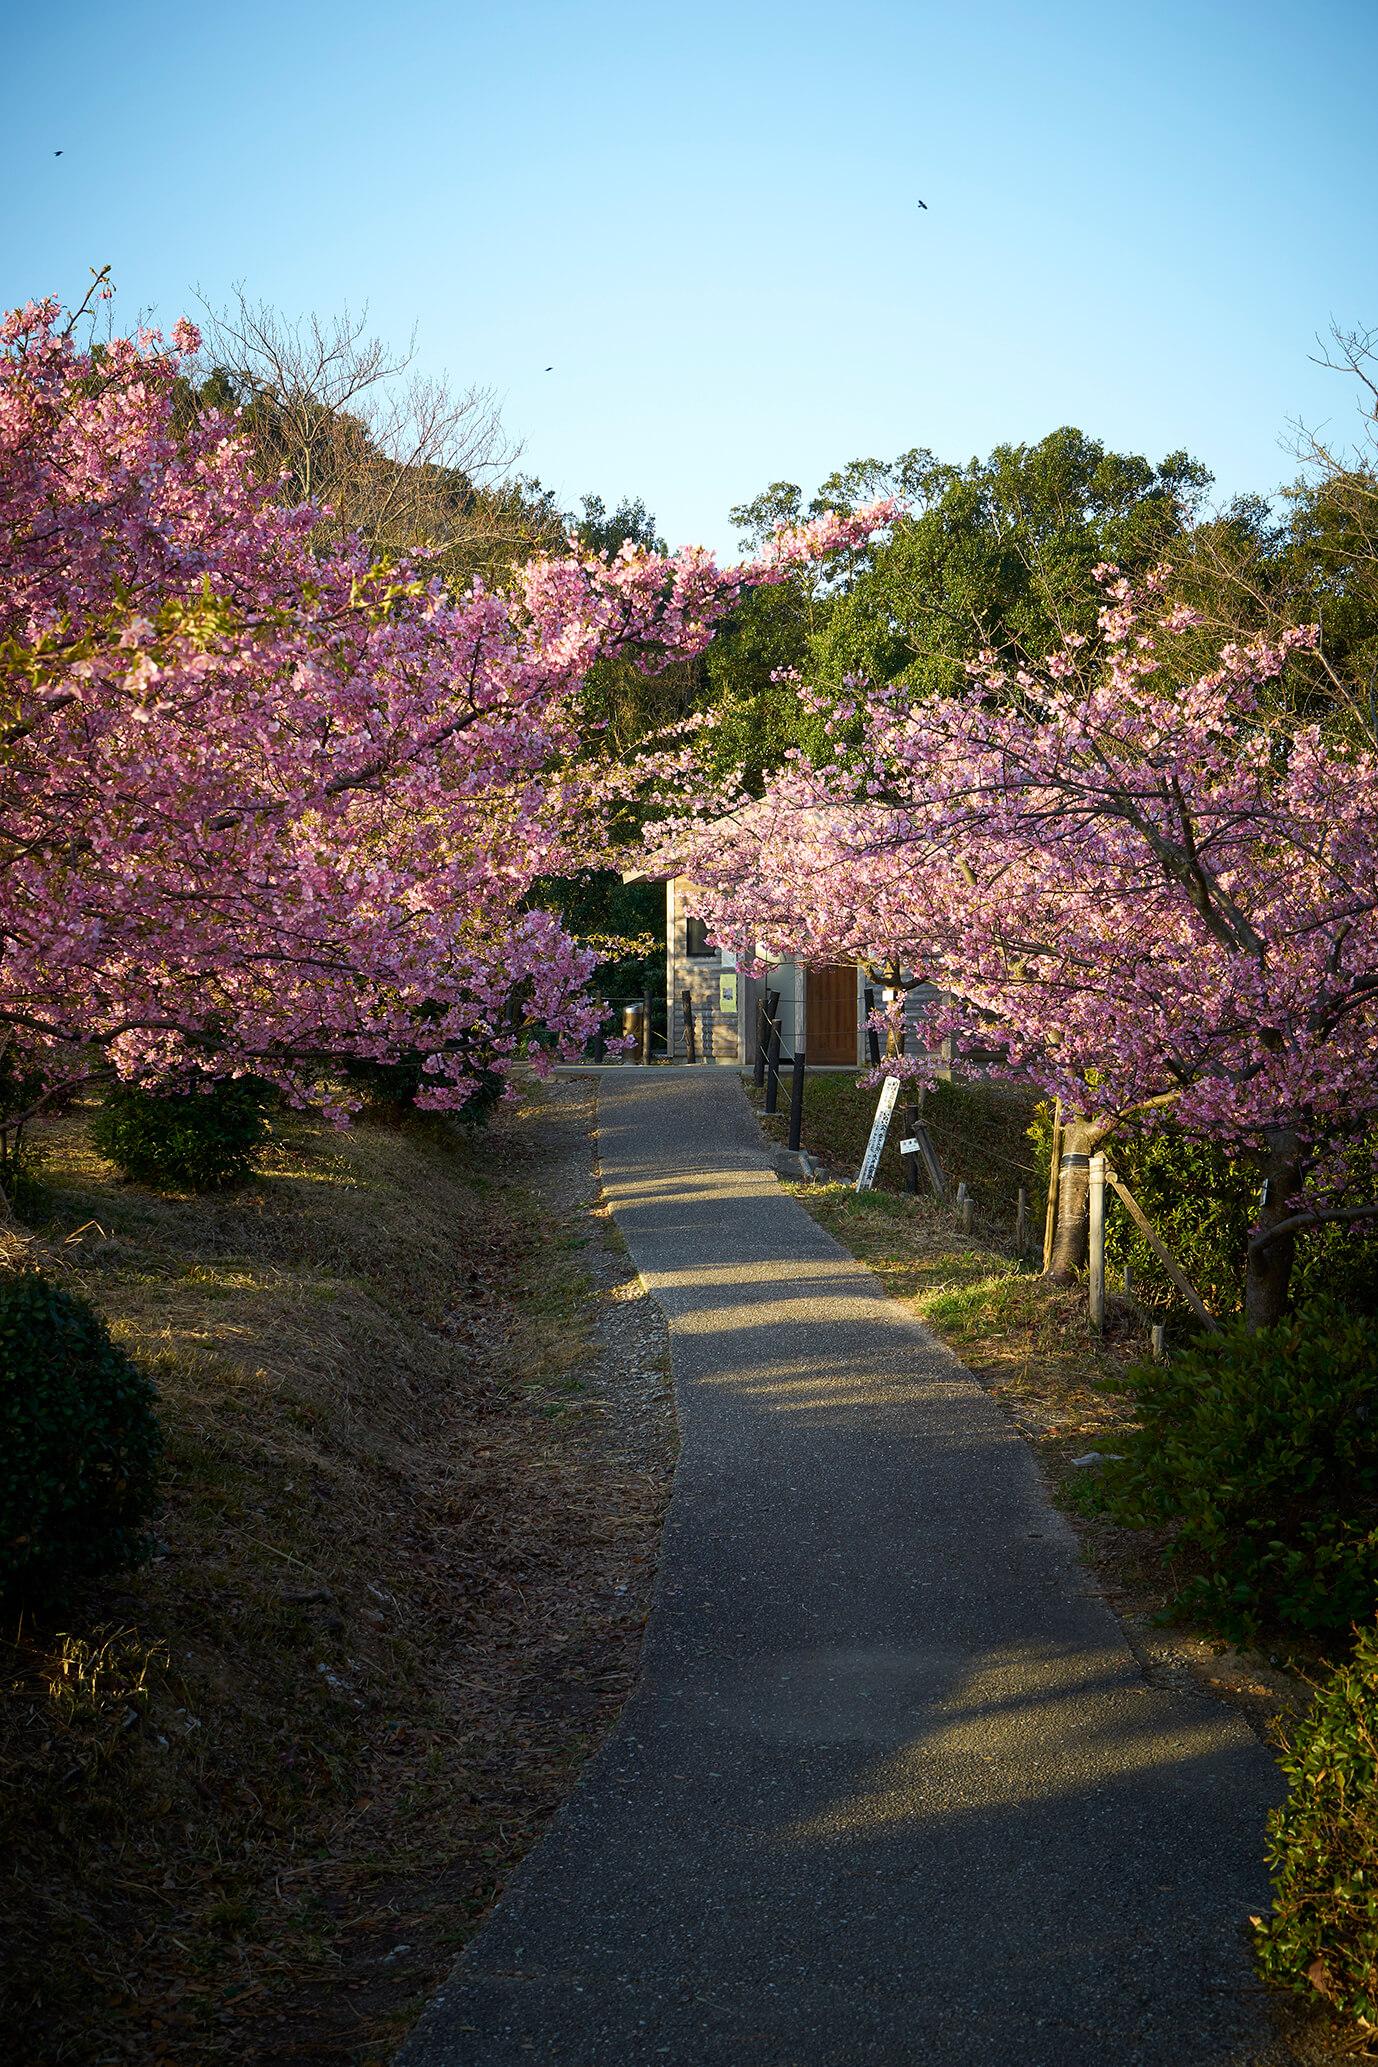 聖崎公園の散策路